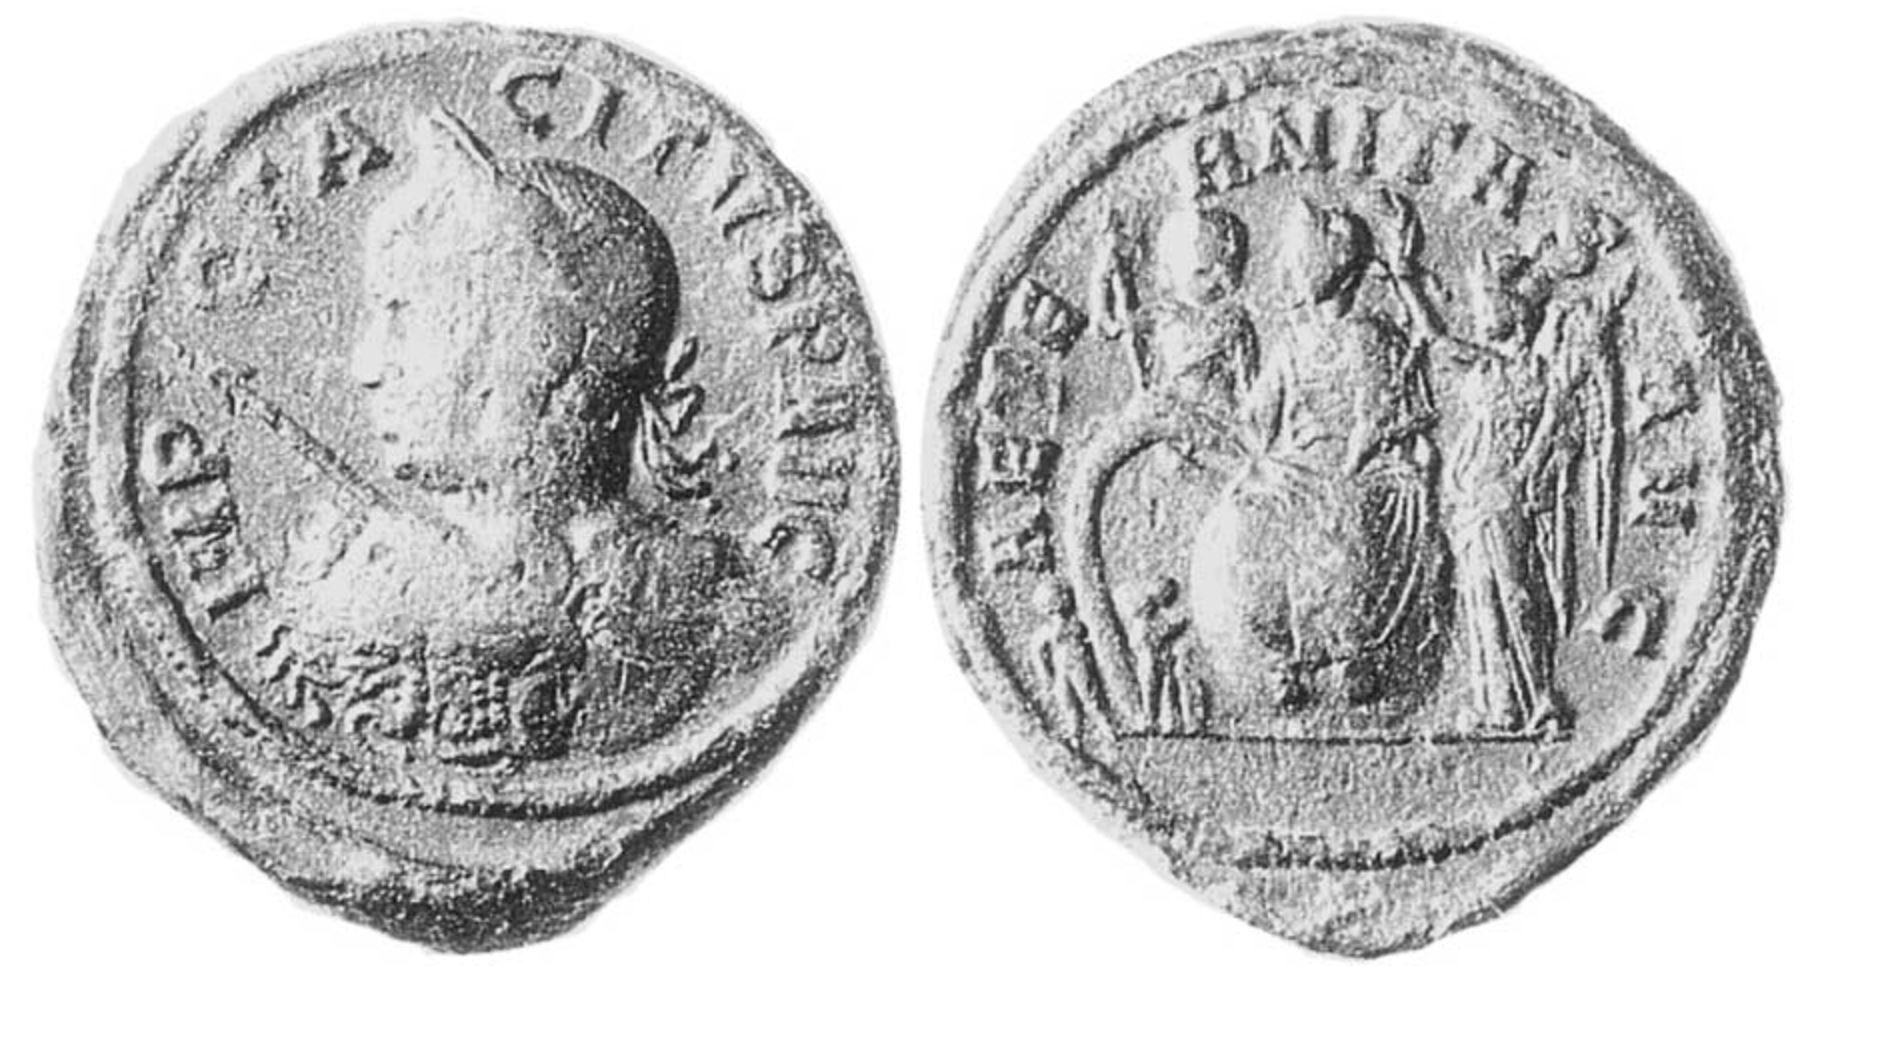 Empereur 276 medaillon de l'Empereur Tacite